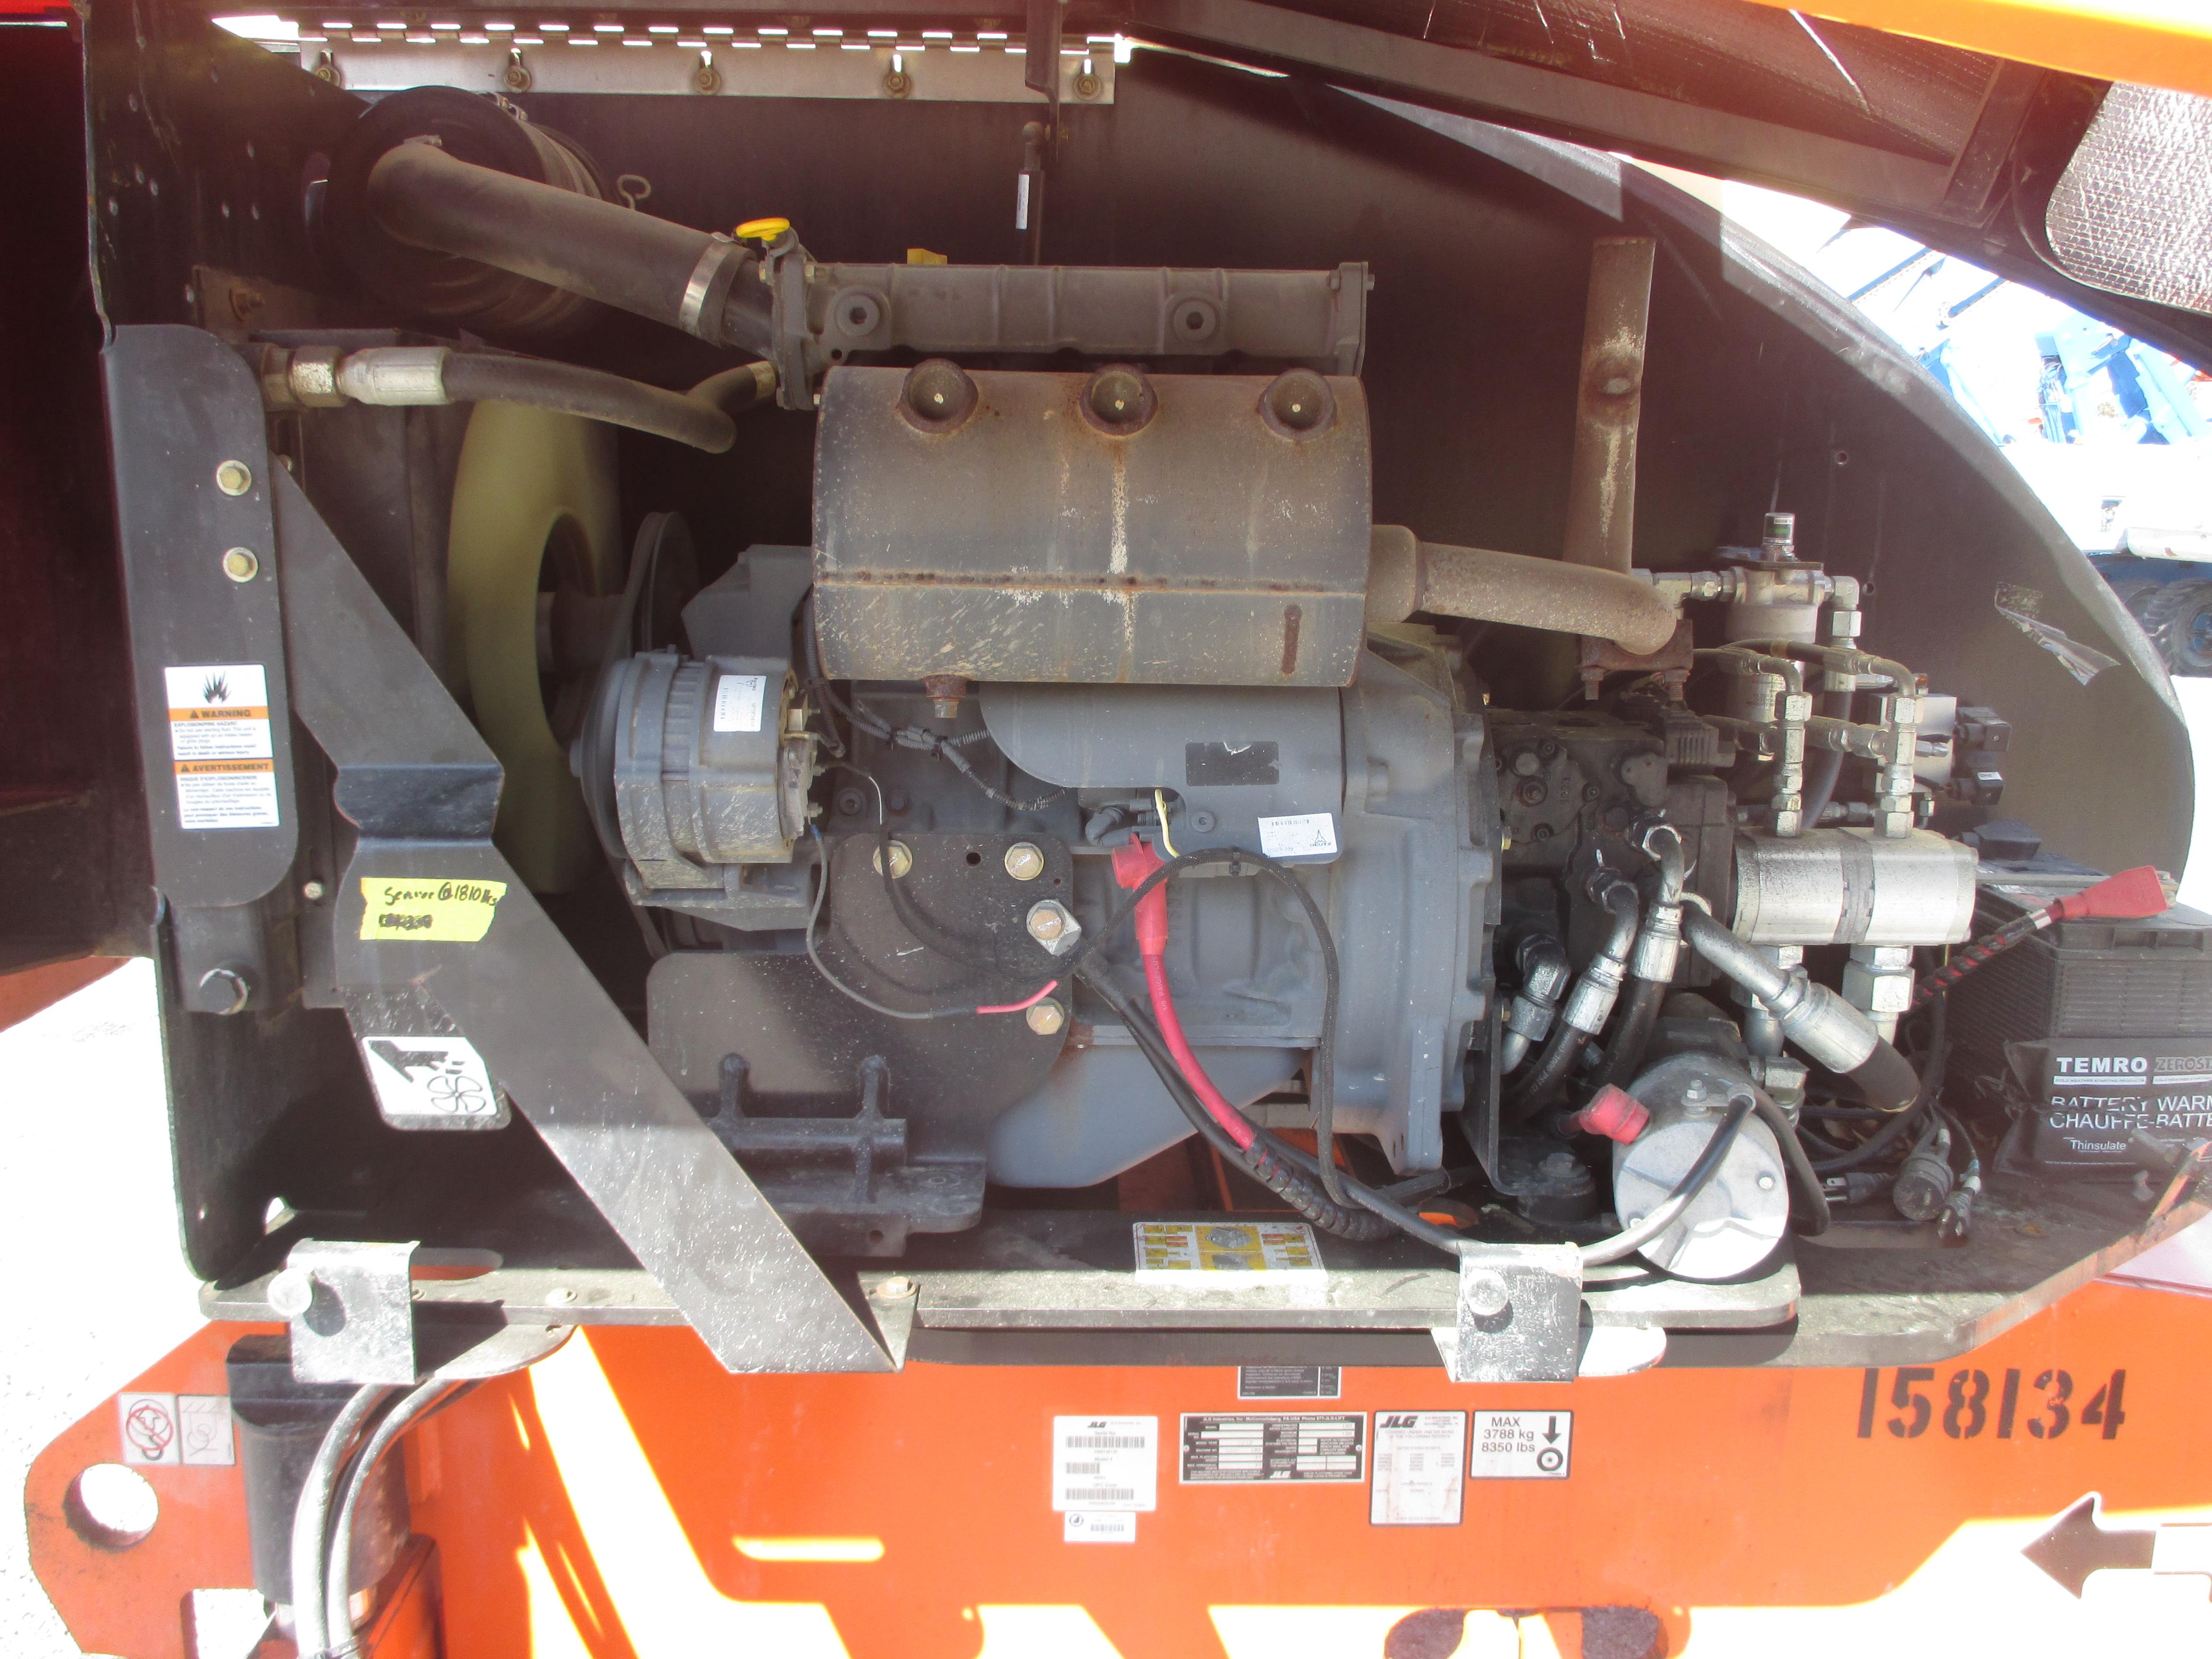 2012 JLG 460SJ-12